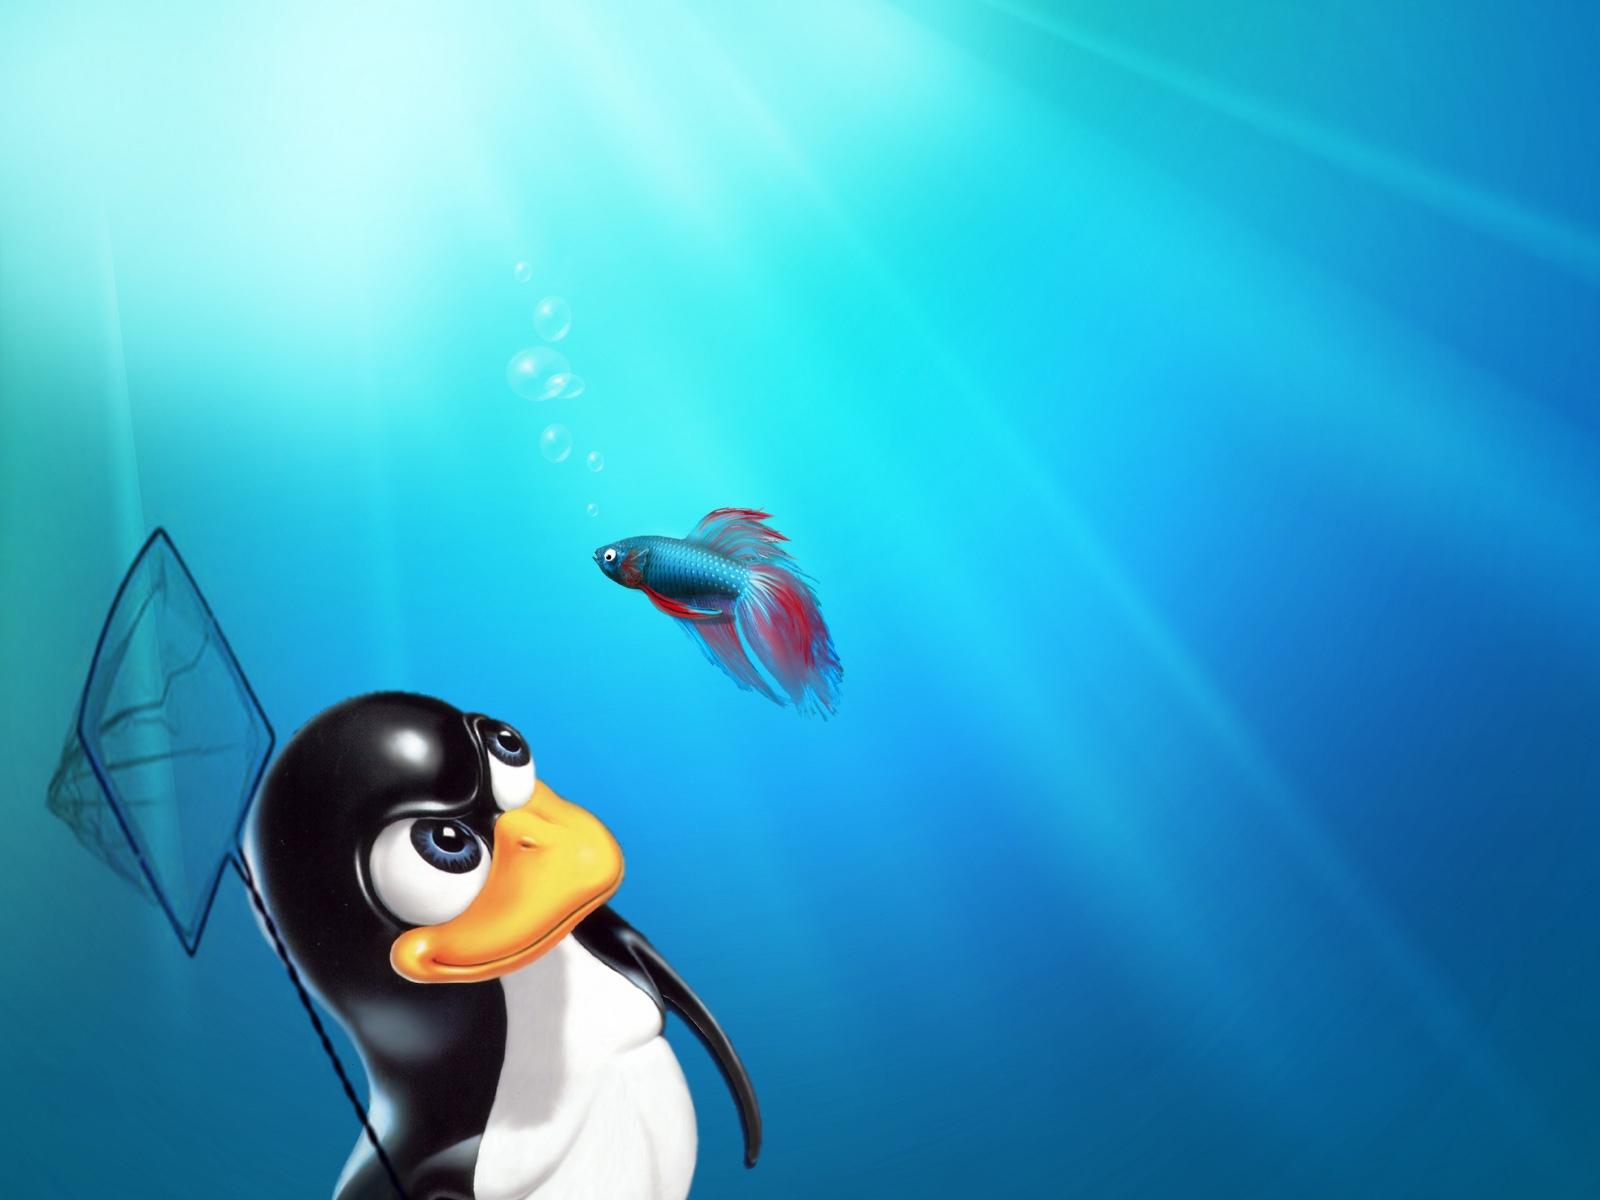 Tux vs Windows 7 Fish Desktop and mobile wallpaper Wallippo 1600x1200